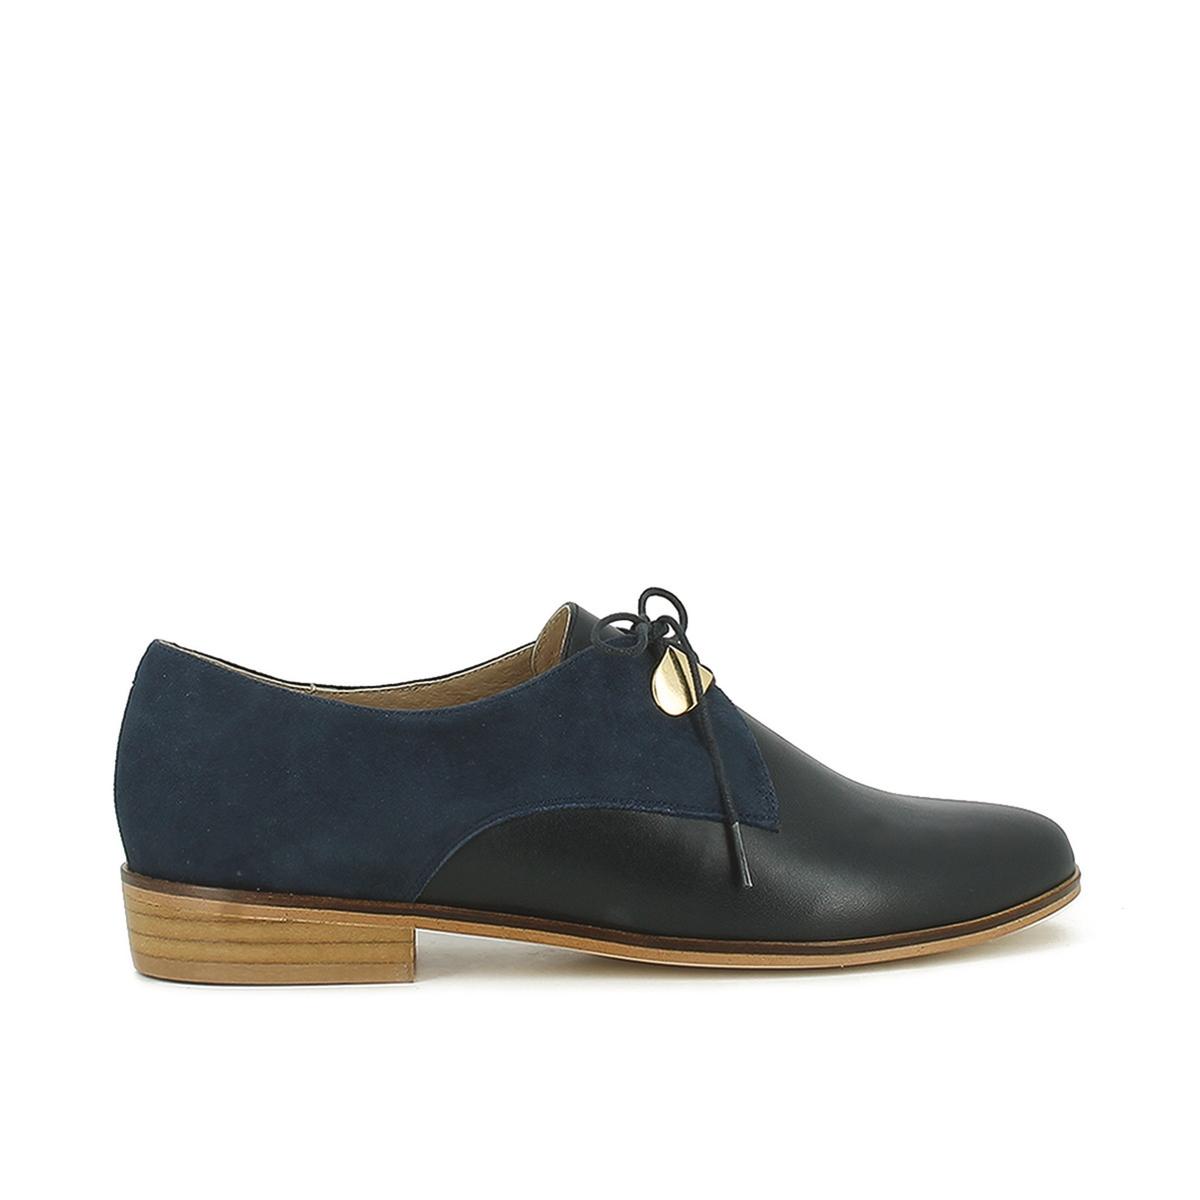 Ботинки-дерби кожаные на шнуровке, Divya ботинки дерби кожаные